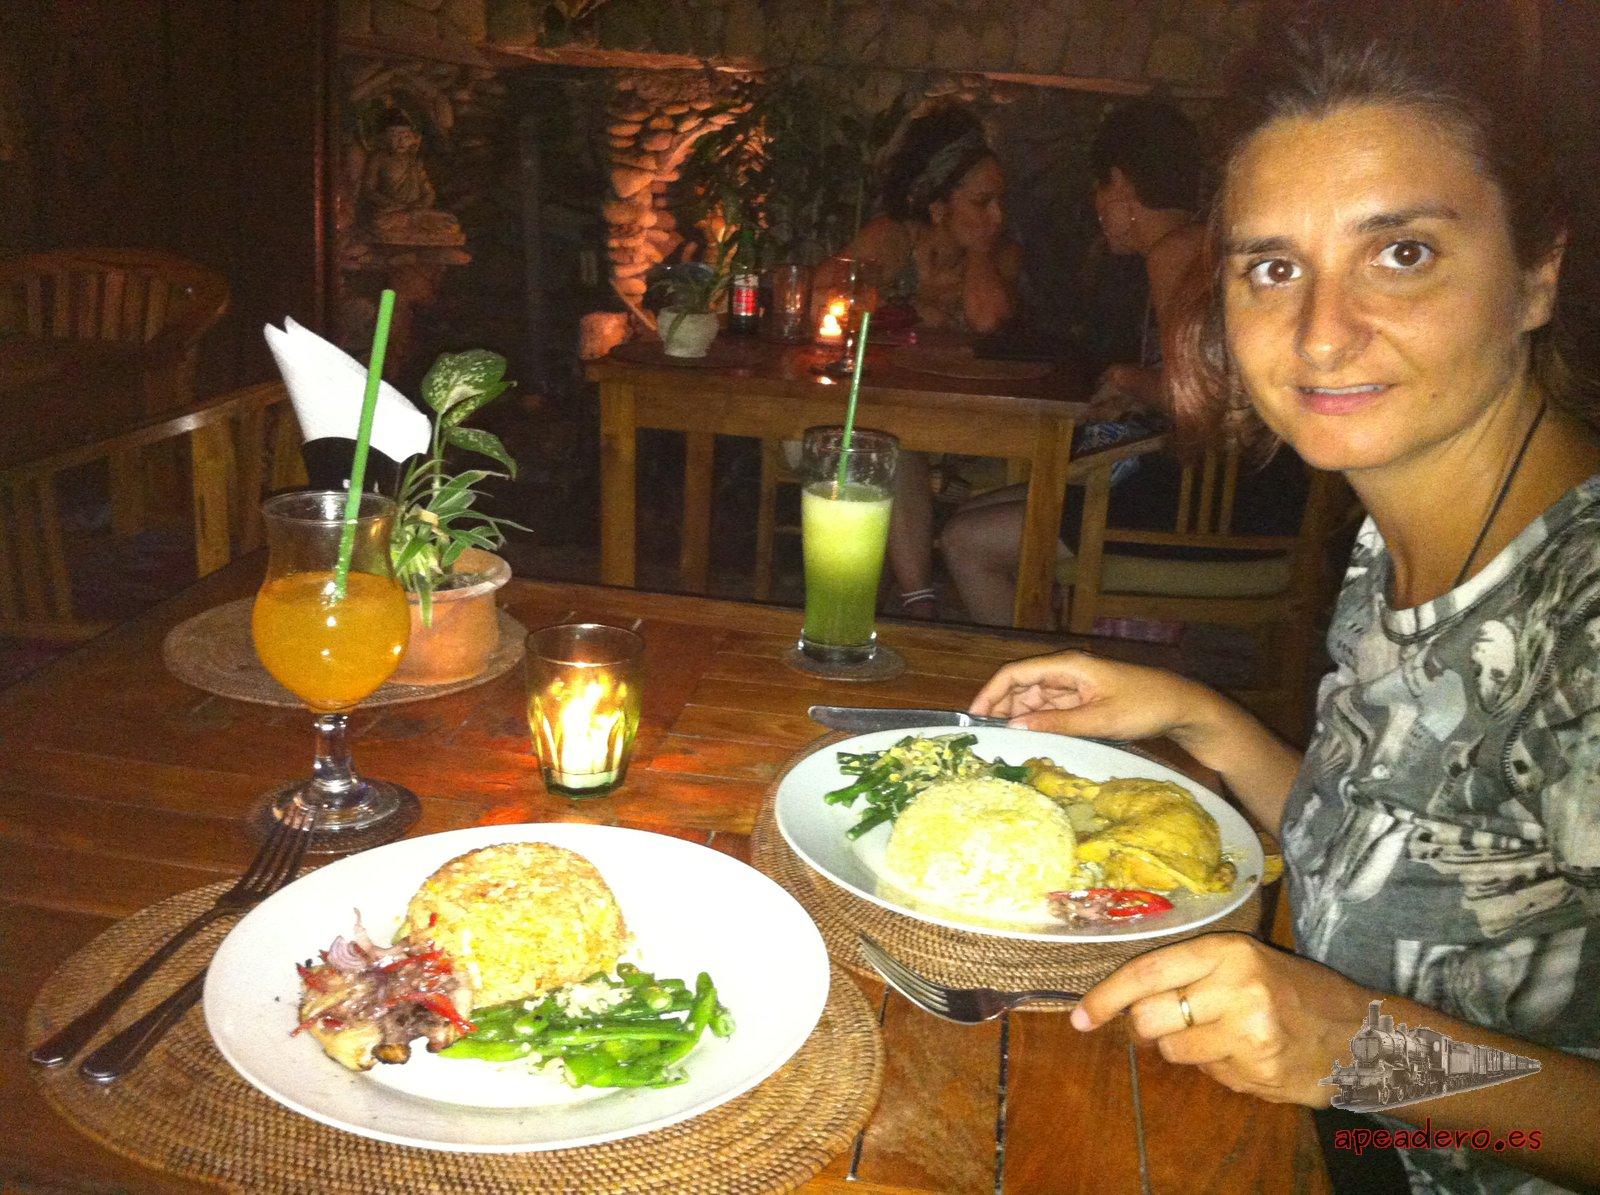 Una noche nos dimos un lujazo y comimos de todo en uno de los 'carísimos' restaurantes a pie de playa. Ni 10 euros de factura, oiga!!